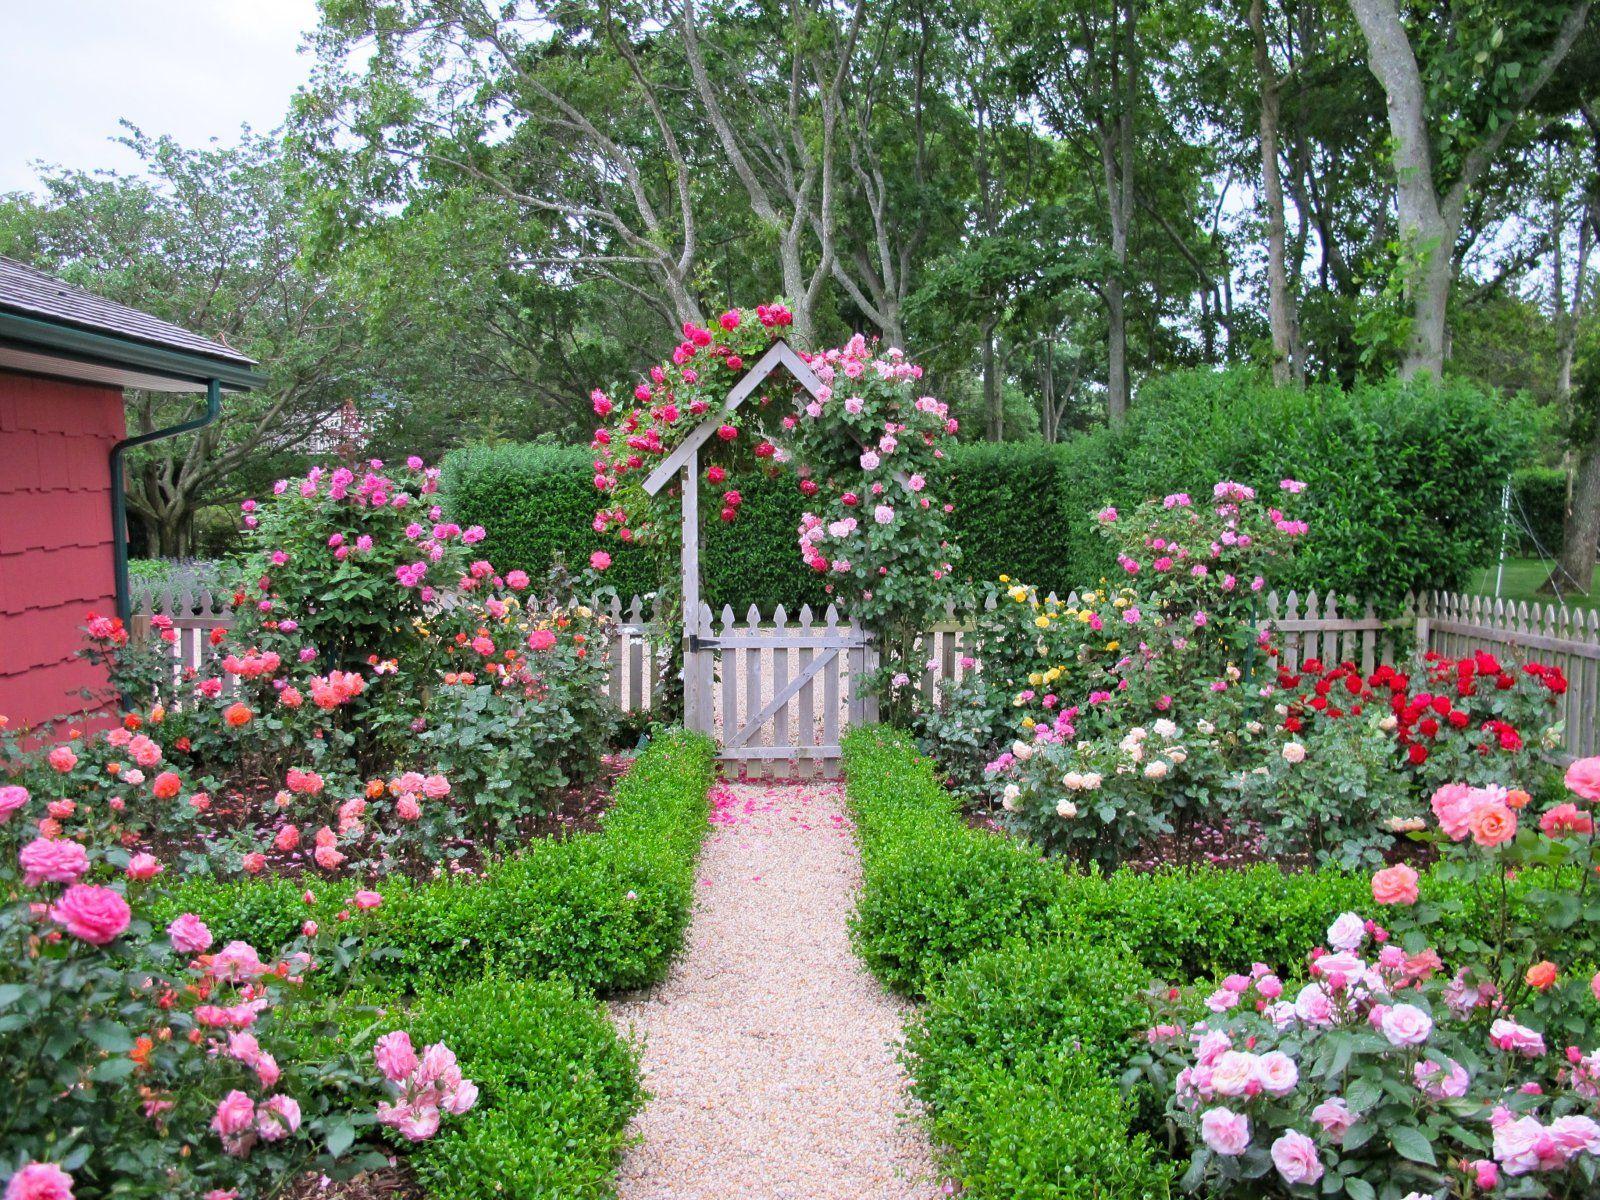 Artistic Cottage Garden Roses on Garden Decor | To ME | Pinterest